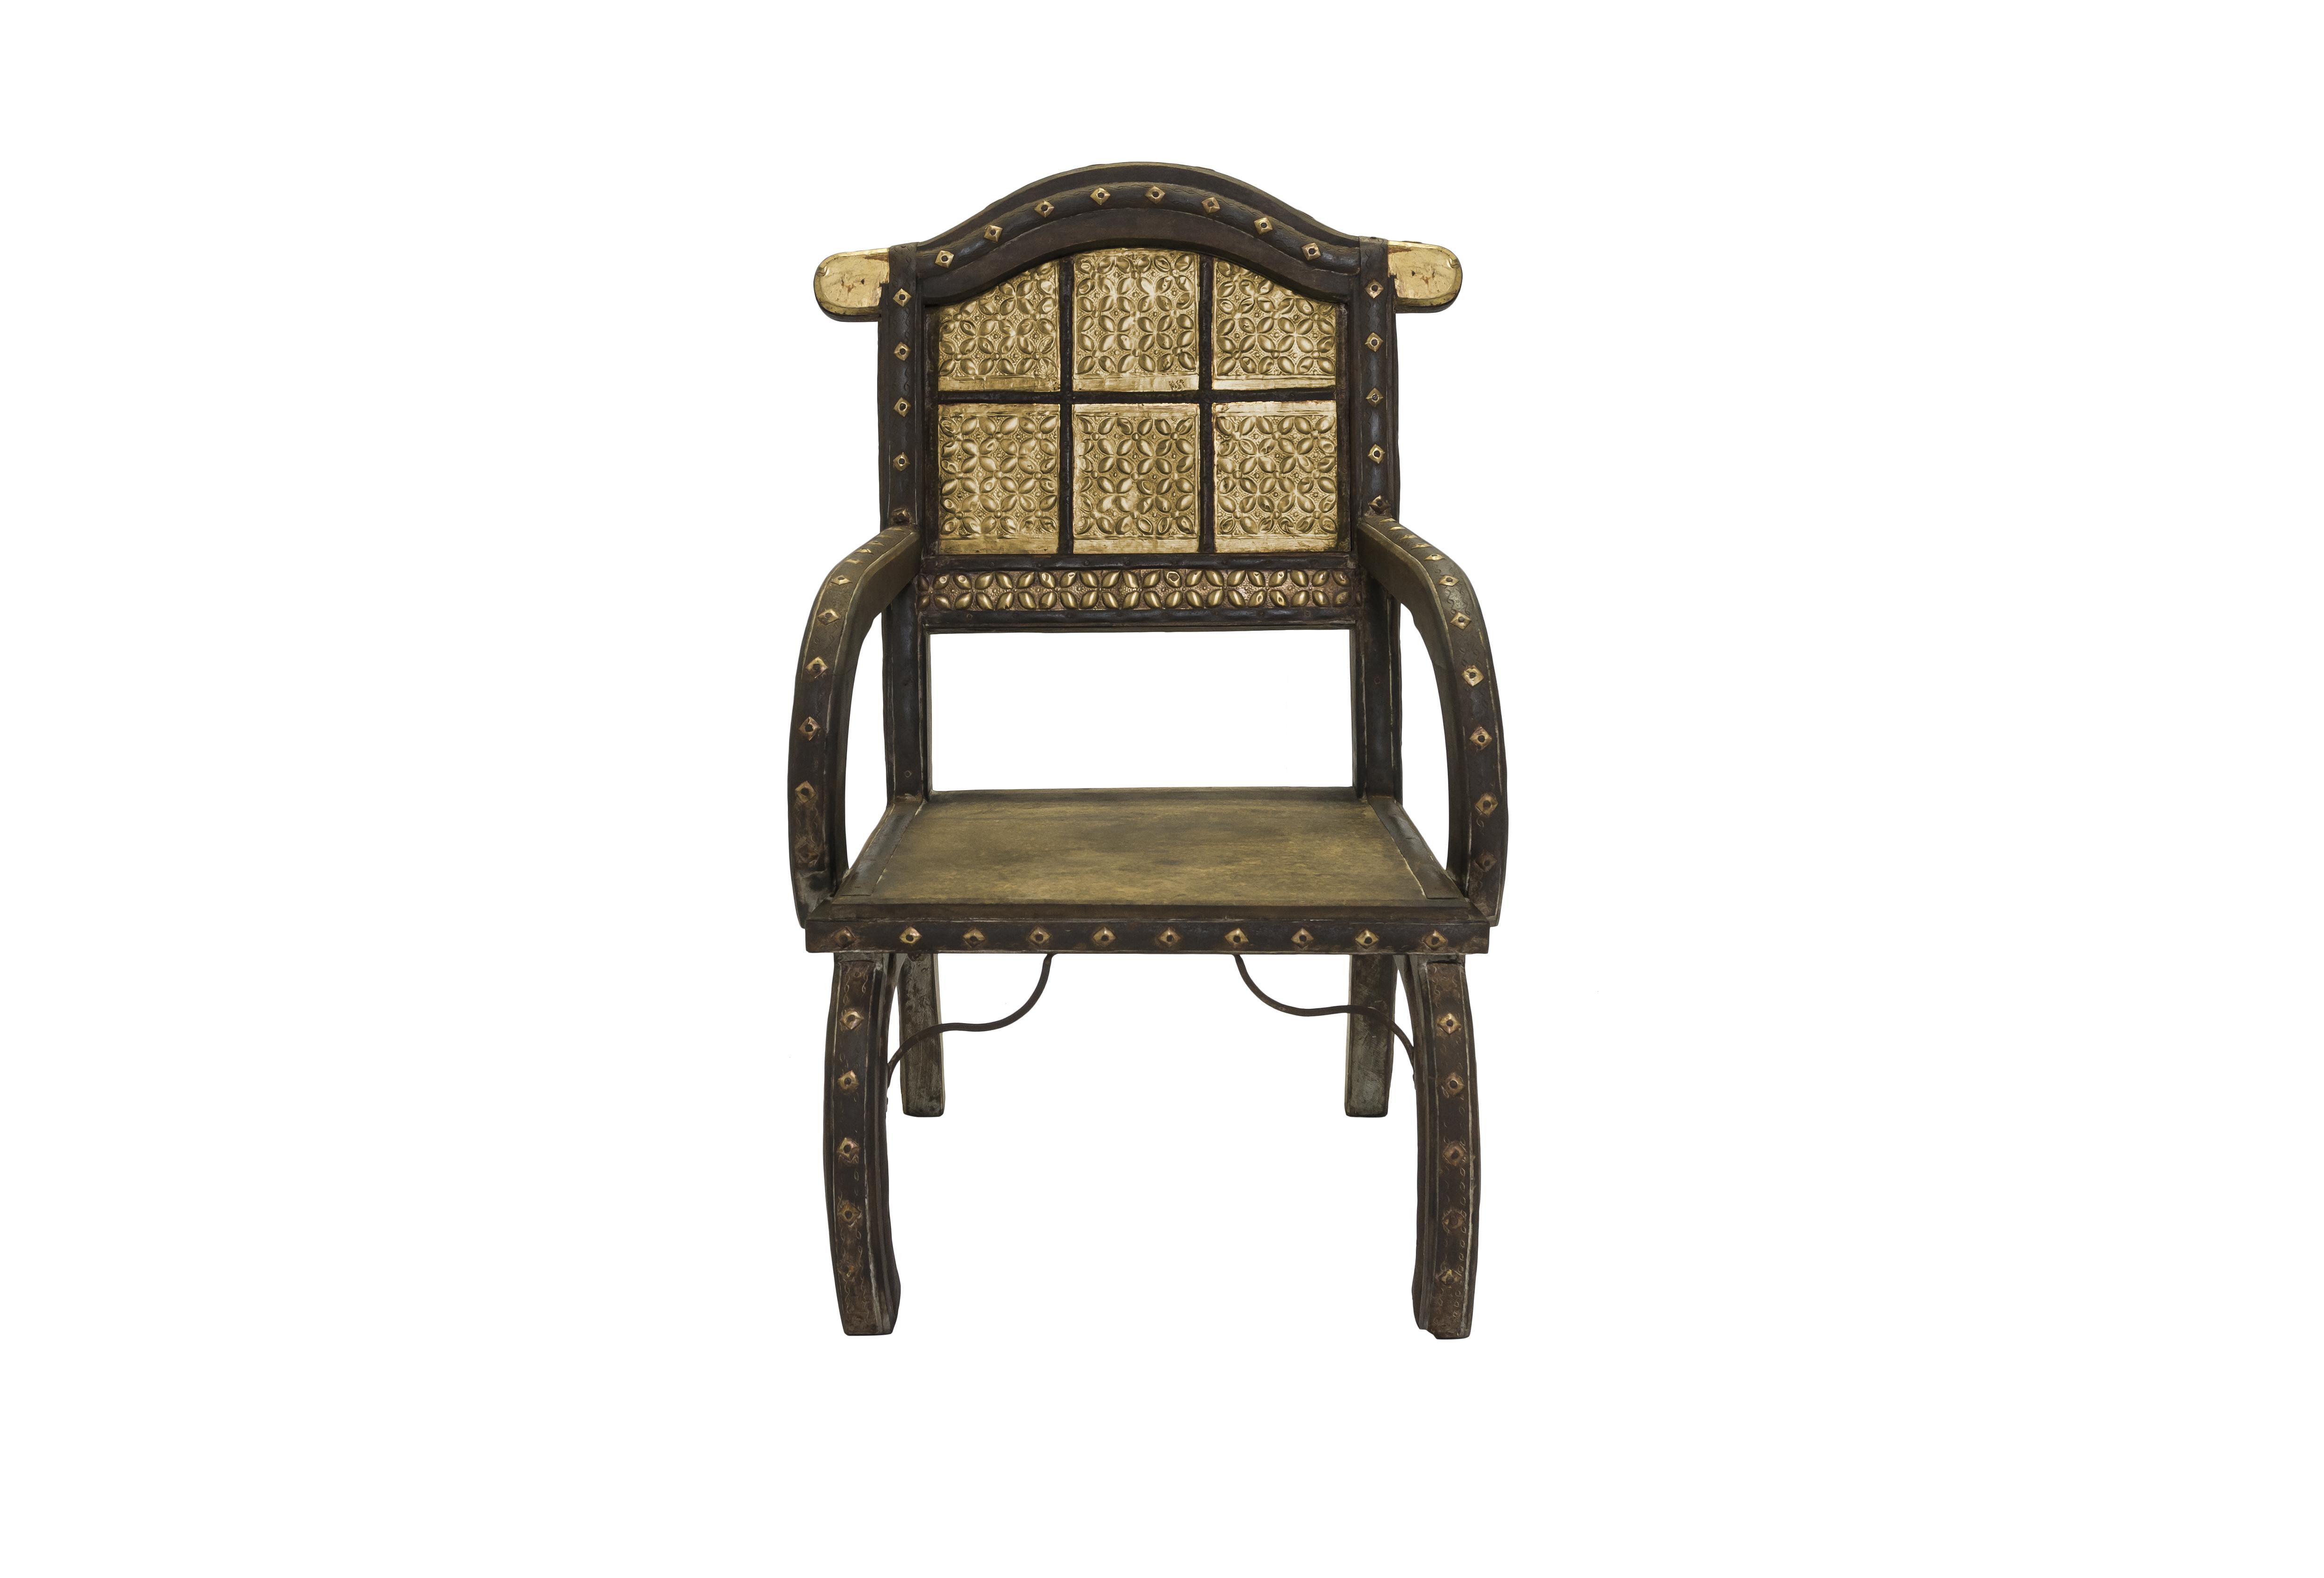 Silla India en madera y metal diseño rombos